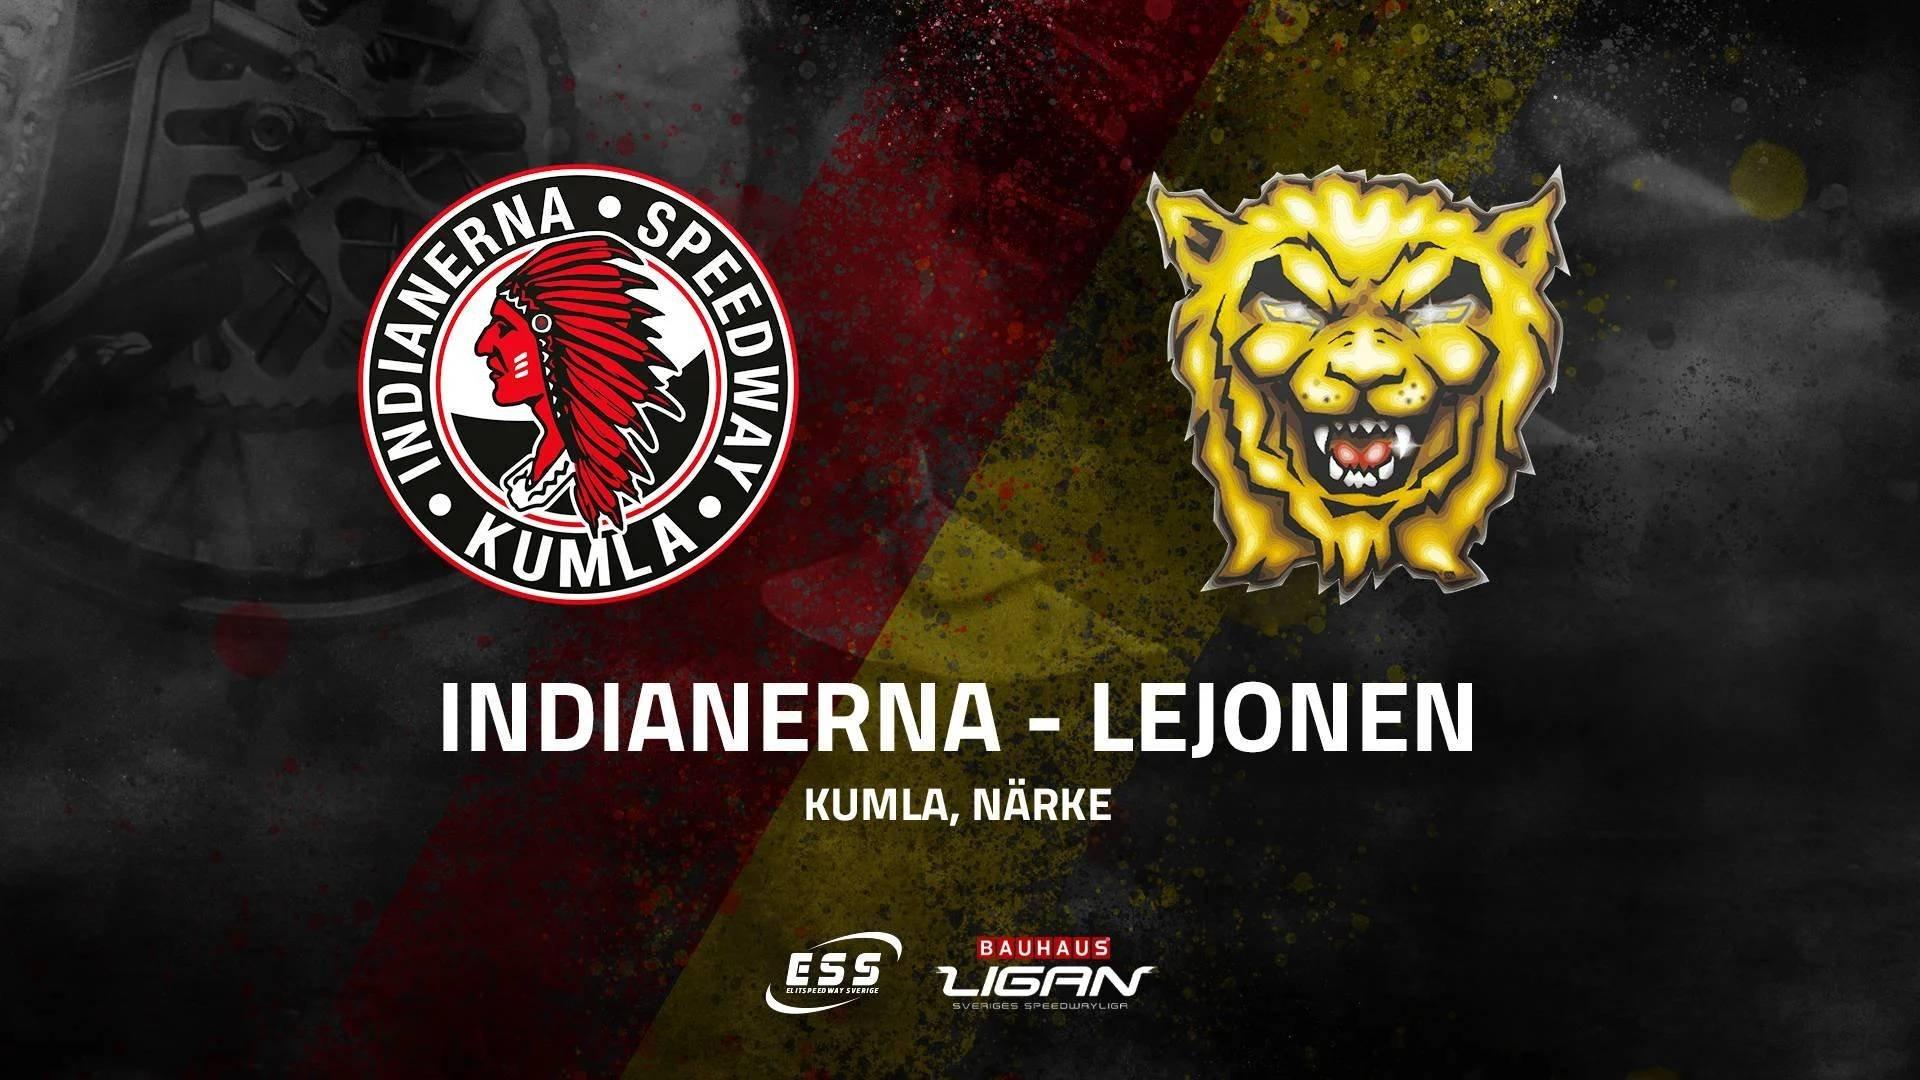 Indianerna - Lejonen